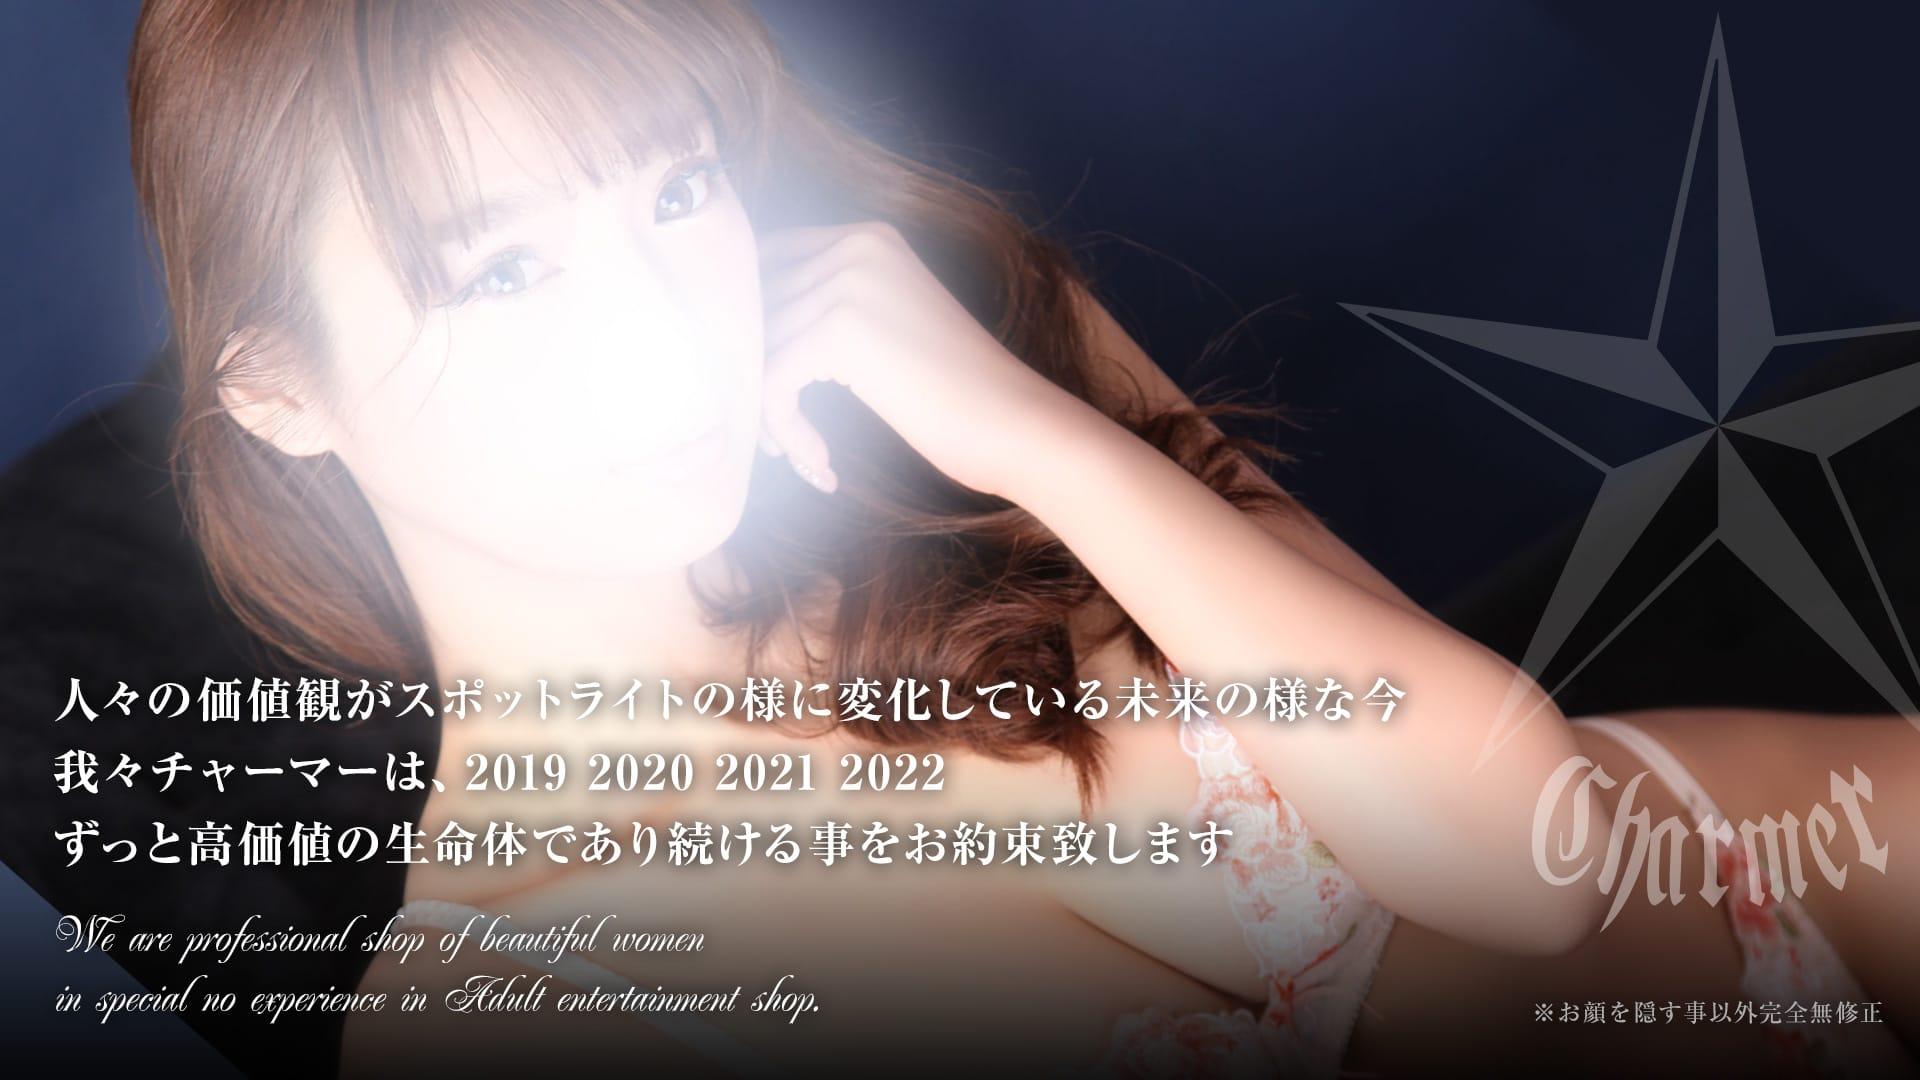 風俗完全未経験の女性のみ採用:クラブチャーマー(横浜高級デリヘル)